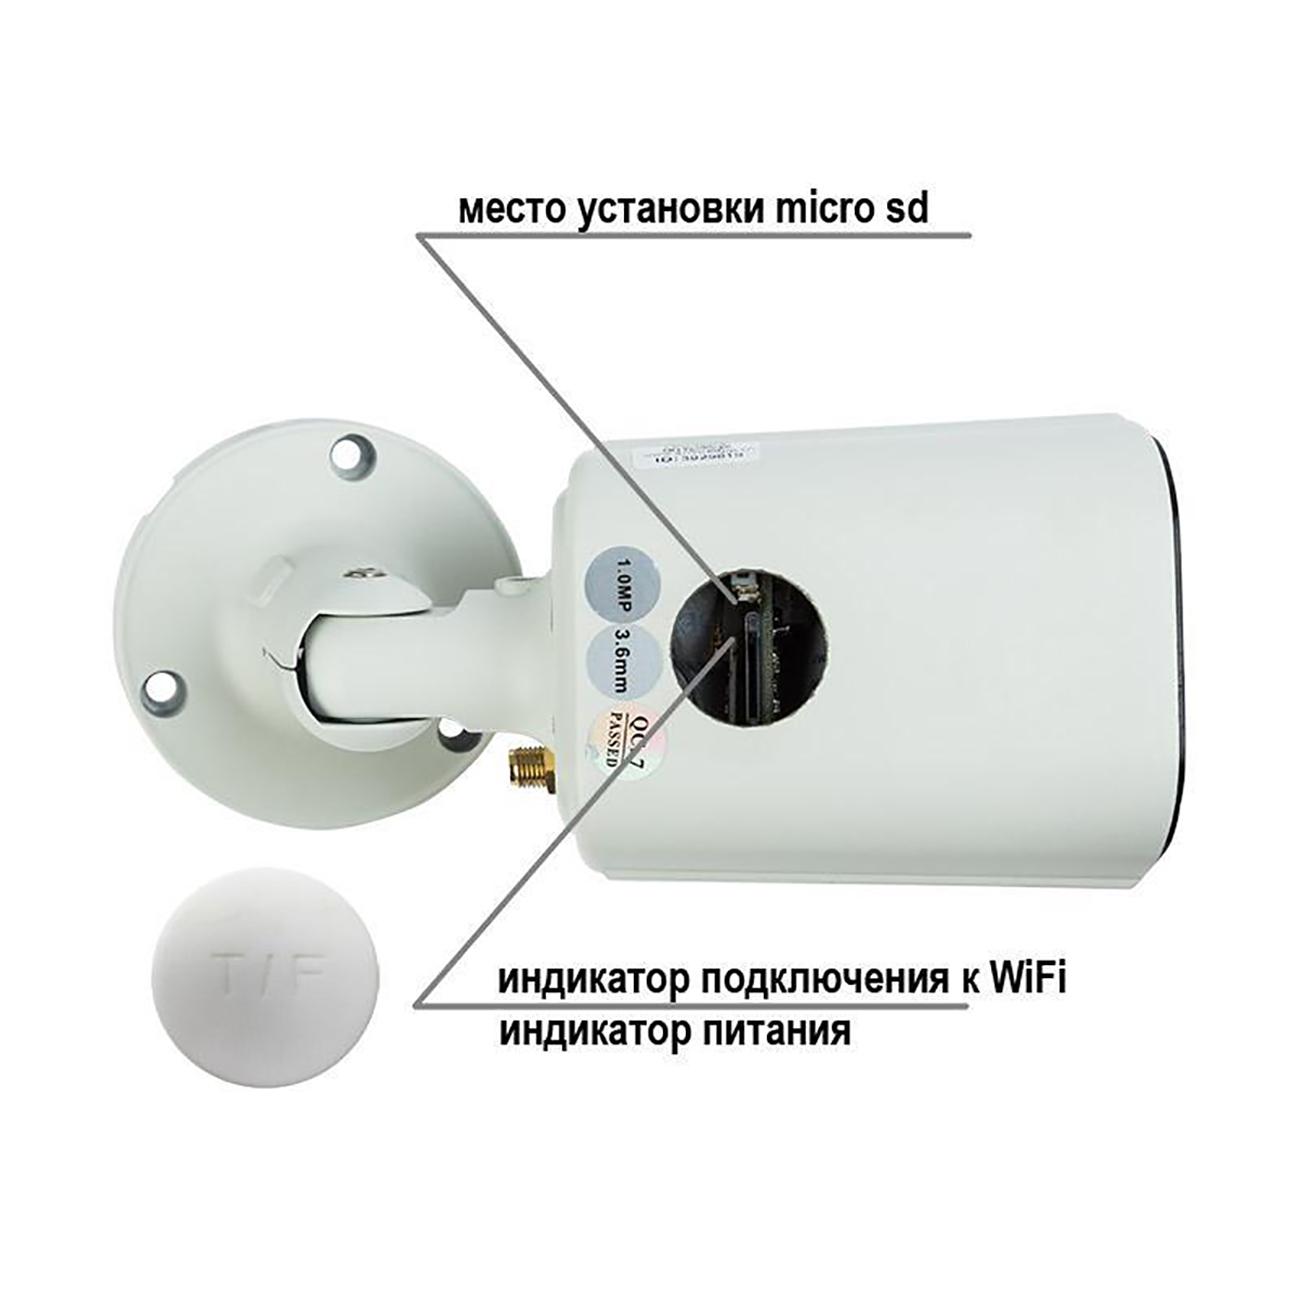 Фото Беспроводная уличная WiFi Smart Rexant камера с микрофоном {45-0274} (2)